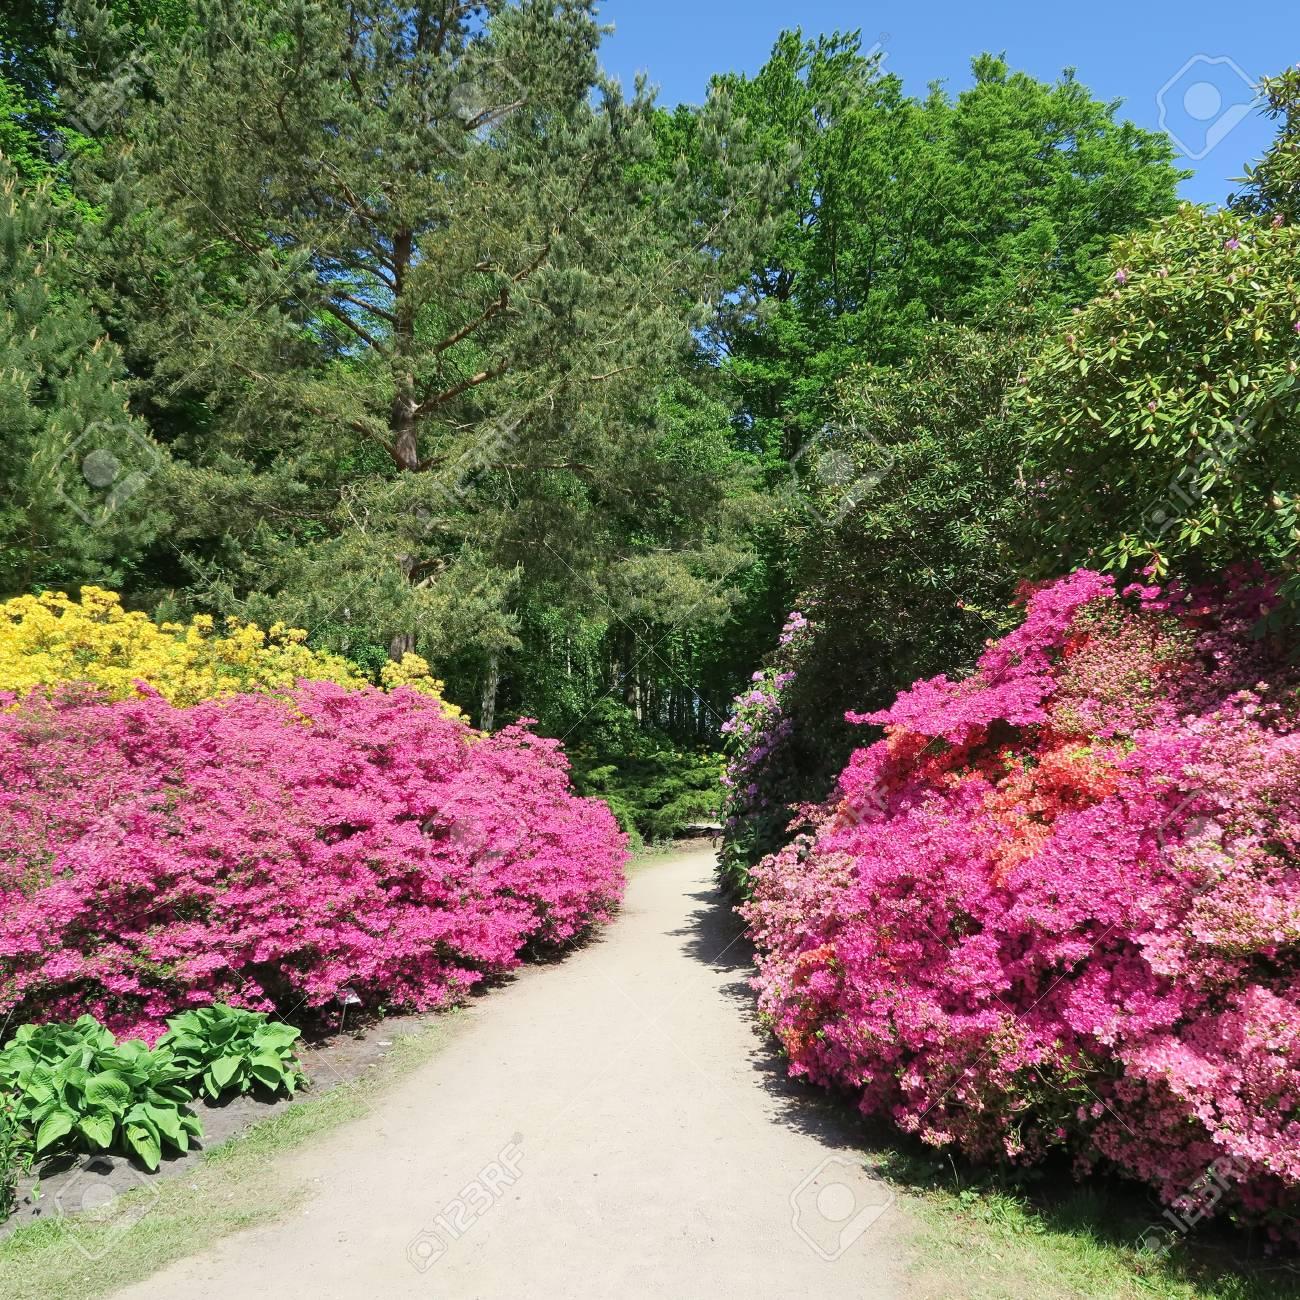 Liebenswert Blumen Mai Galerie Von Standard-bild - Viele Bunte Blühen Im Von